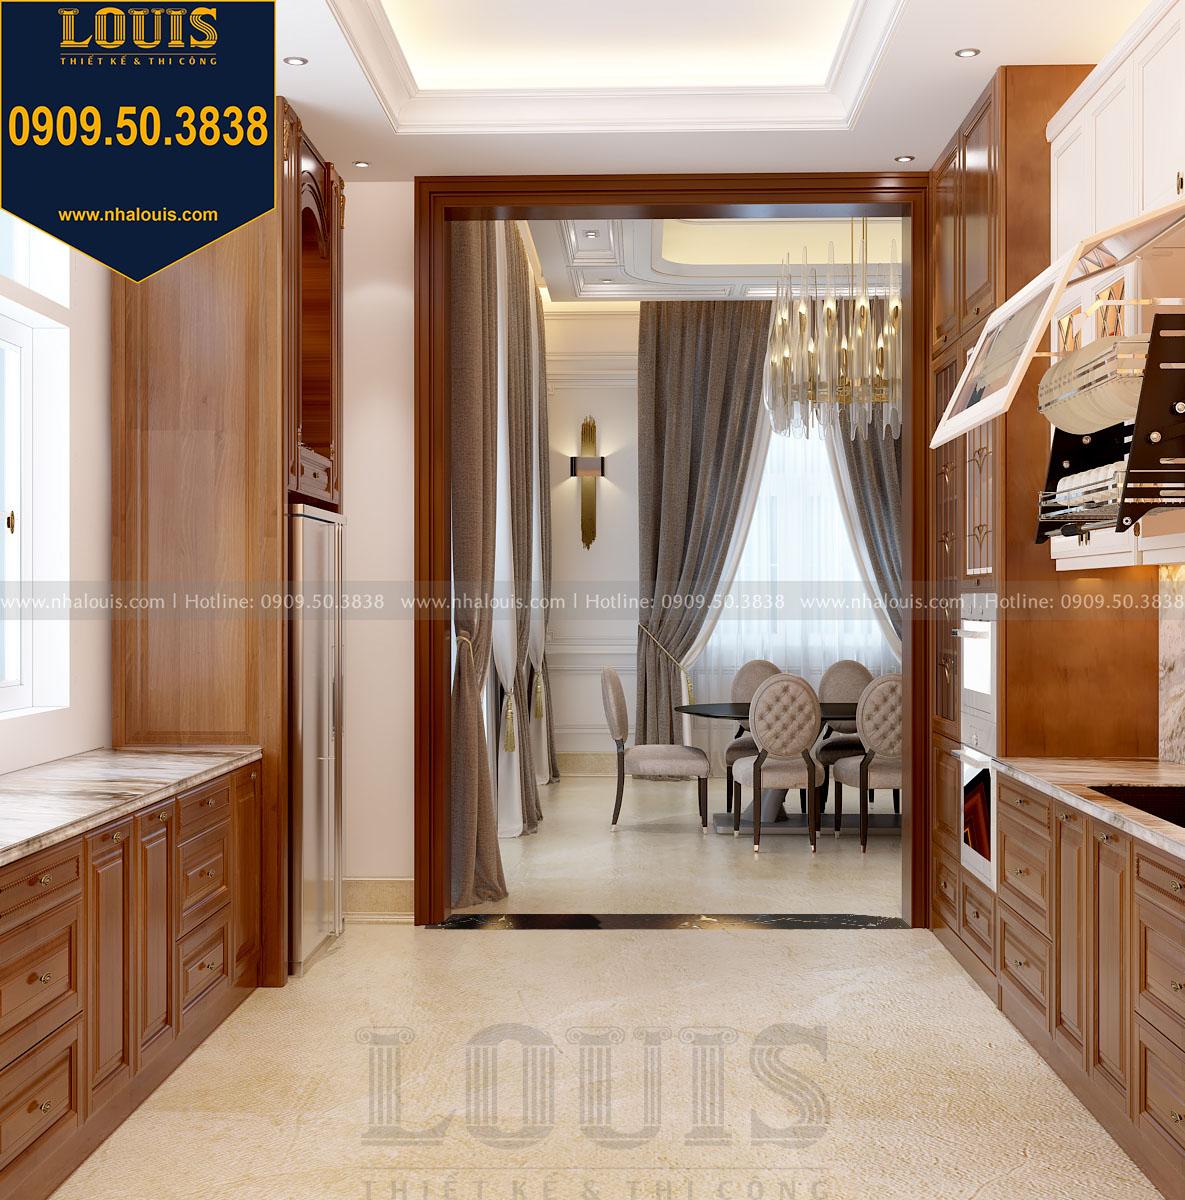 Phòng bếp biệt thự 3 tầng phong cách cổ điển view 2